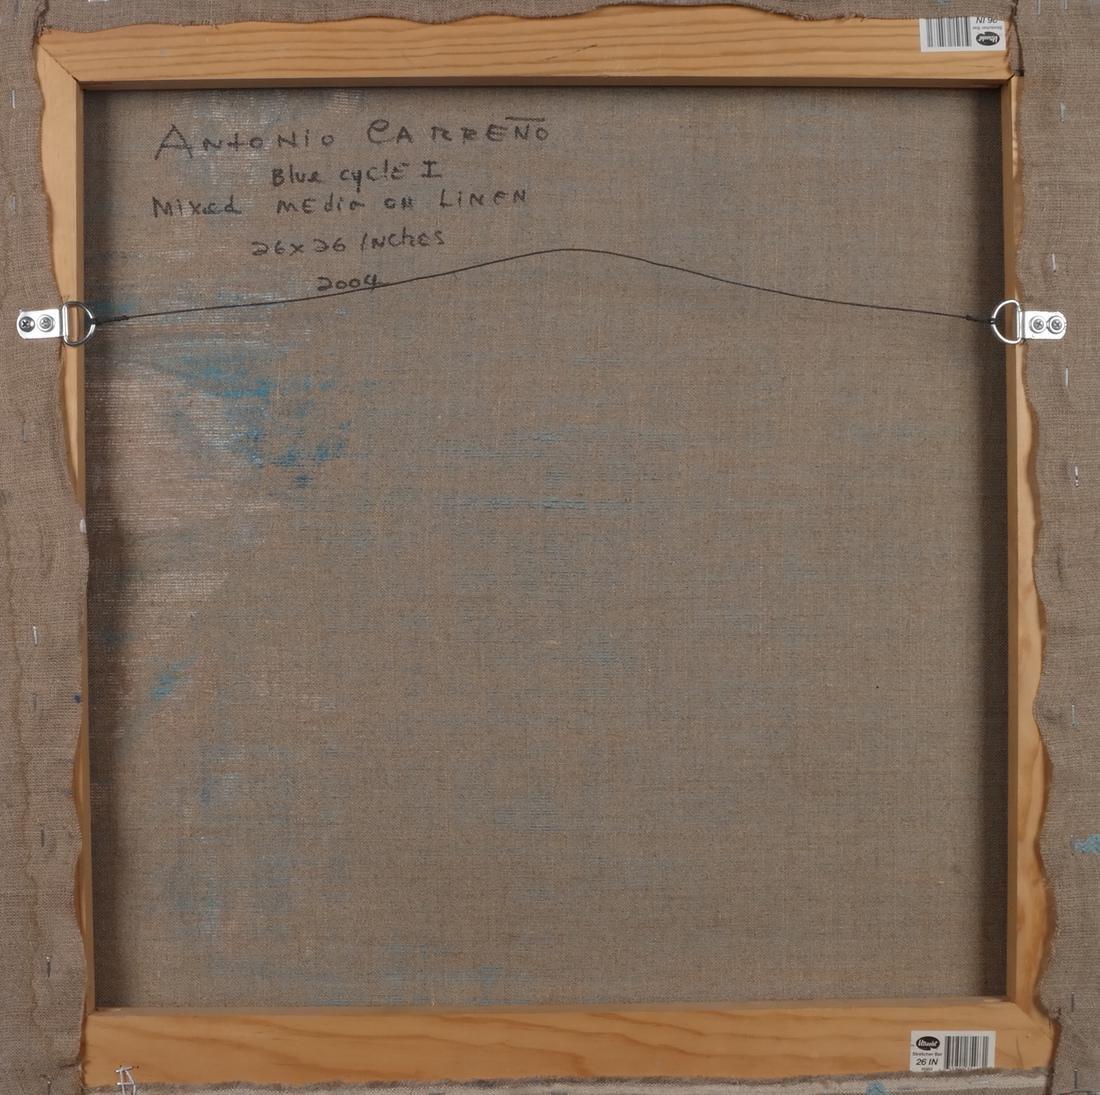 Antonio Carreño: Blue Cycle I, 2004 - 6